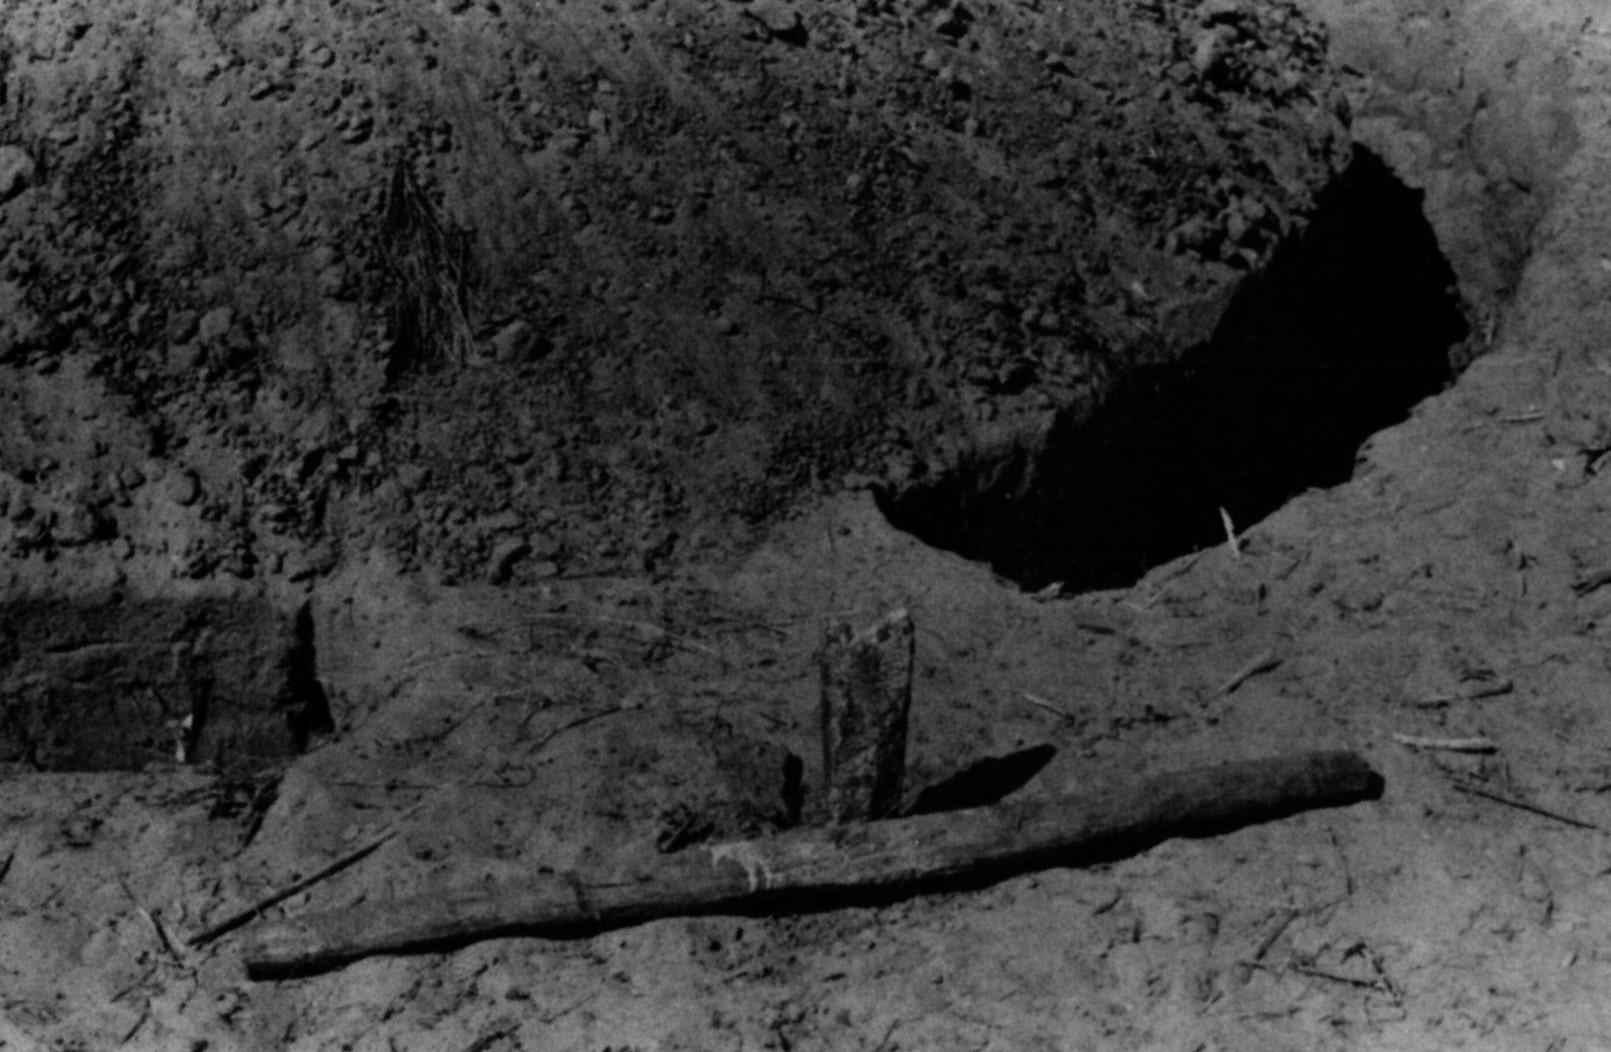 Fig. 10. Le poids des survivances. : une sépulture sérer actuelle entourée d'un fossé et précédée d'un pieu de bois évoquant les pierres frontales des sépultures protohistoriques (D'après Becker, Marin 1982).